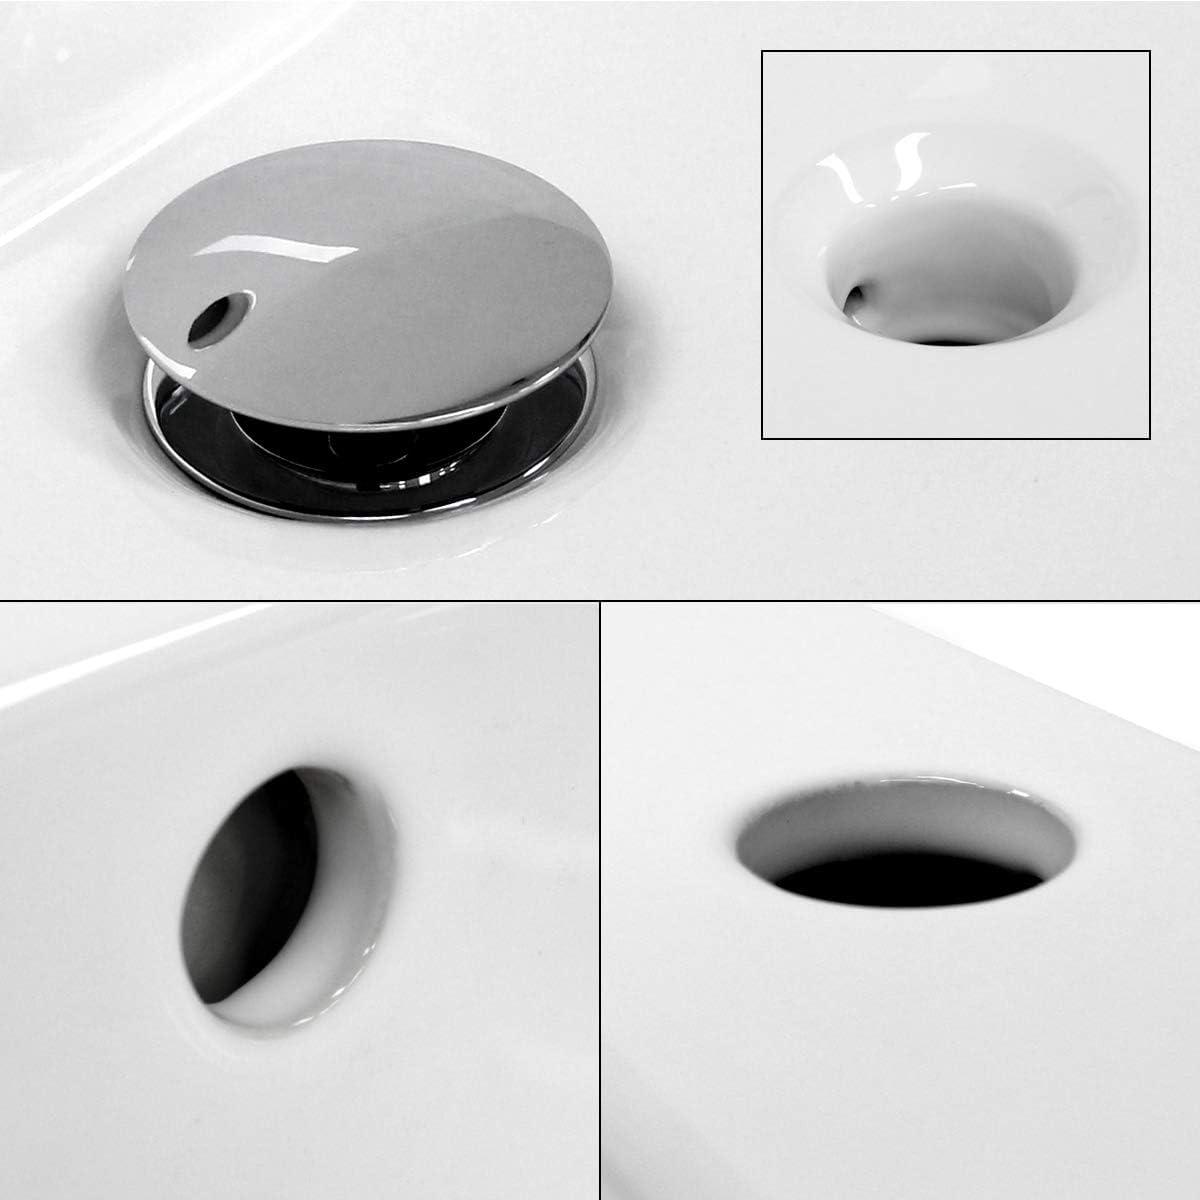 ECD Germany Lavabo encastrable cer/ámica con Agujero Grifo Blanco dise/ño Moderno 610 x 465 x 175 mm Pila con desbordamiento desag/üe para el Cuarto de ba/ño Aseo lavamanos sobre encimera